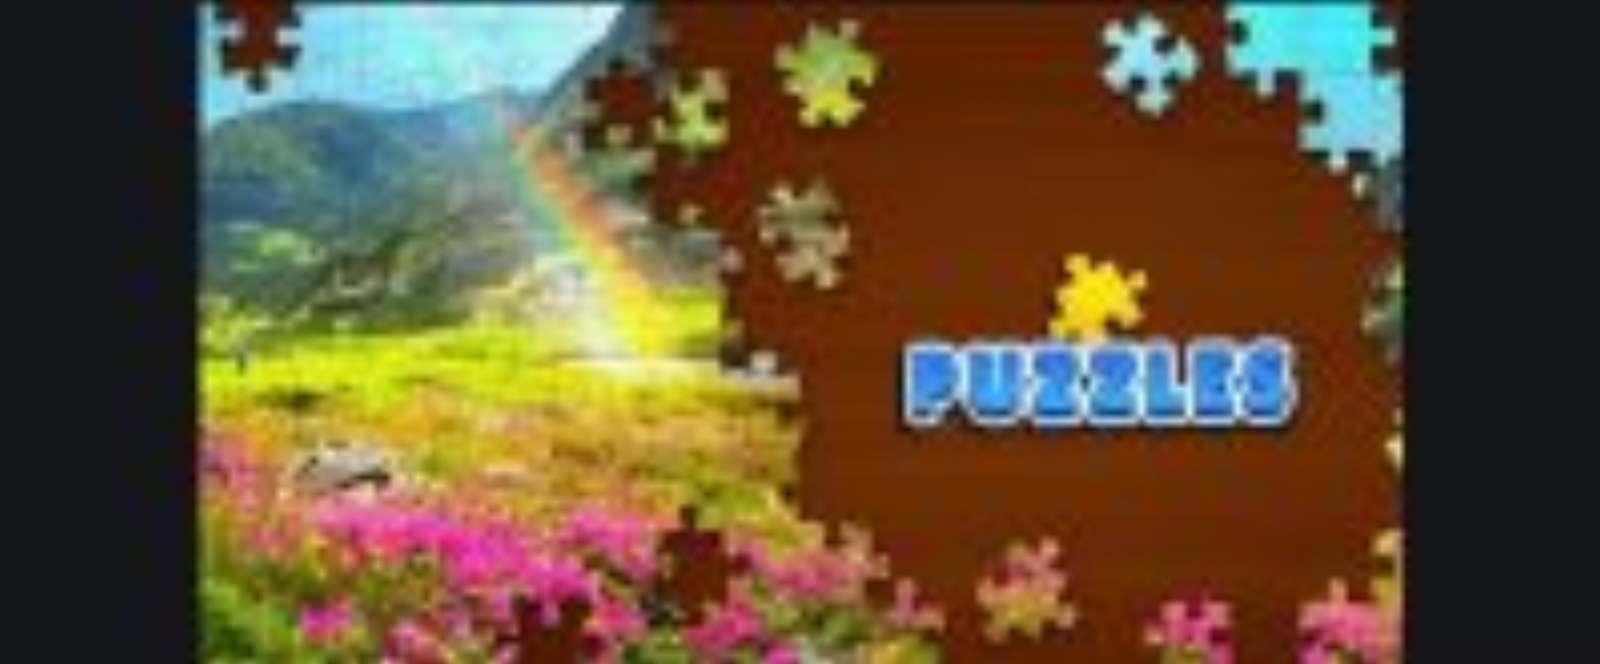 Jeux-Puzzle